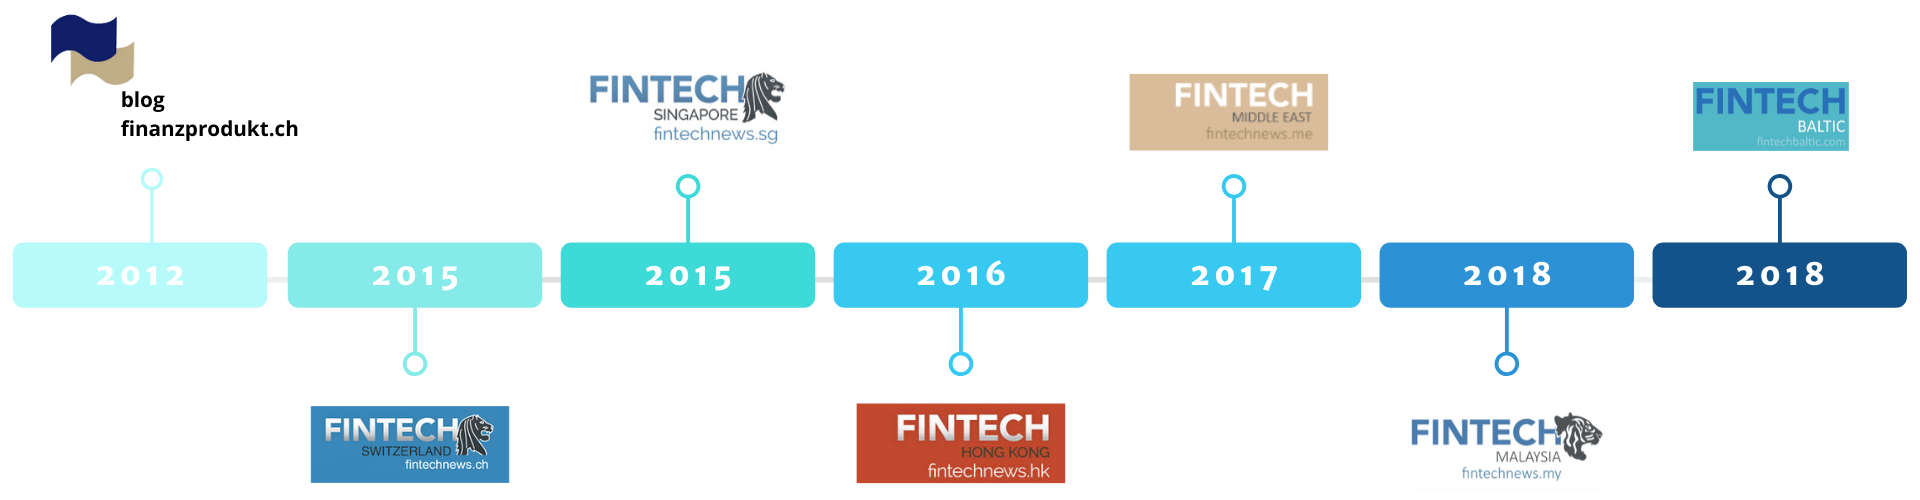 Fintech news network History